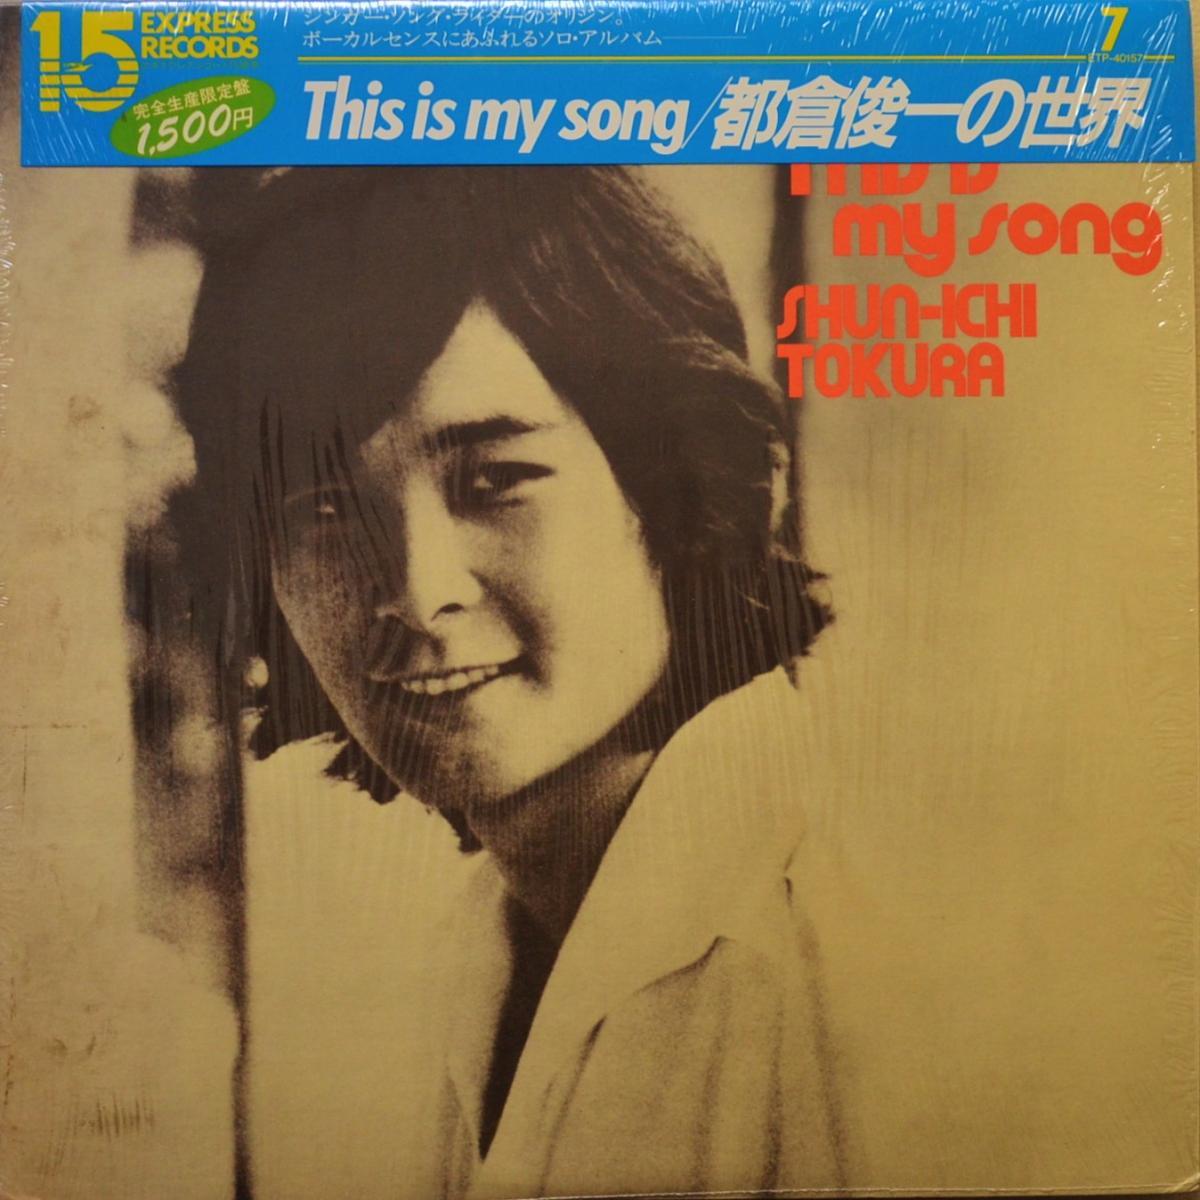 都倉俊一 SHUN-ICHI TOKURA / THIS IS MY SONG - 都倉俊一の世界 (LP)